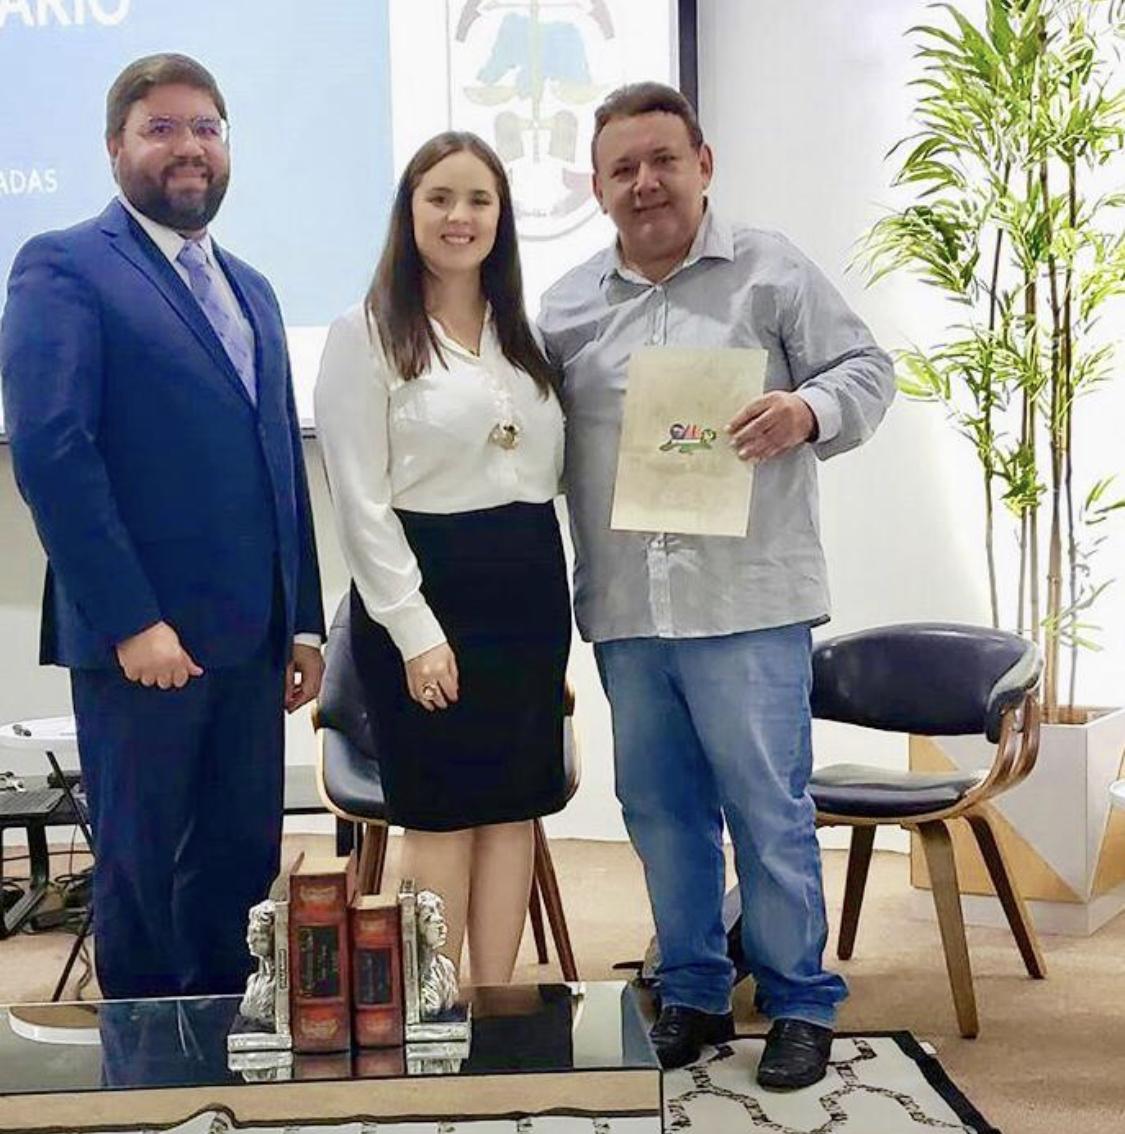 Carlos com Glauber Alves e Bárbara Paloma: trinca danada de boa